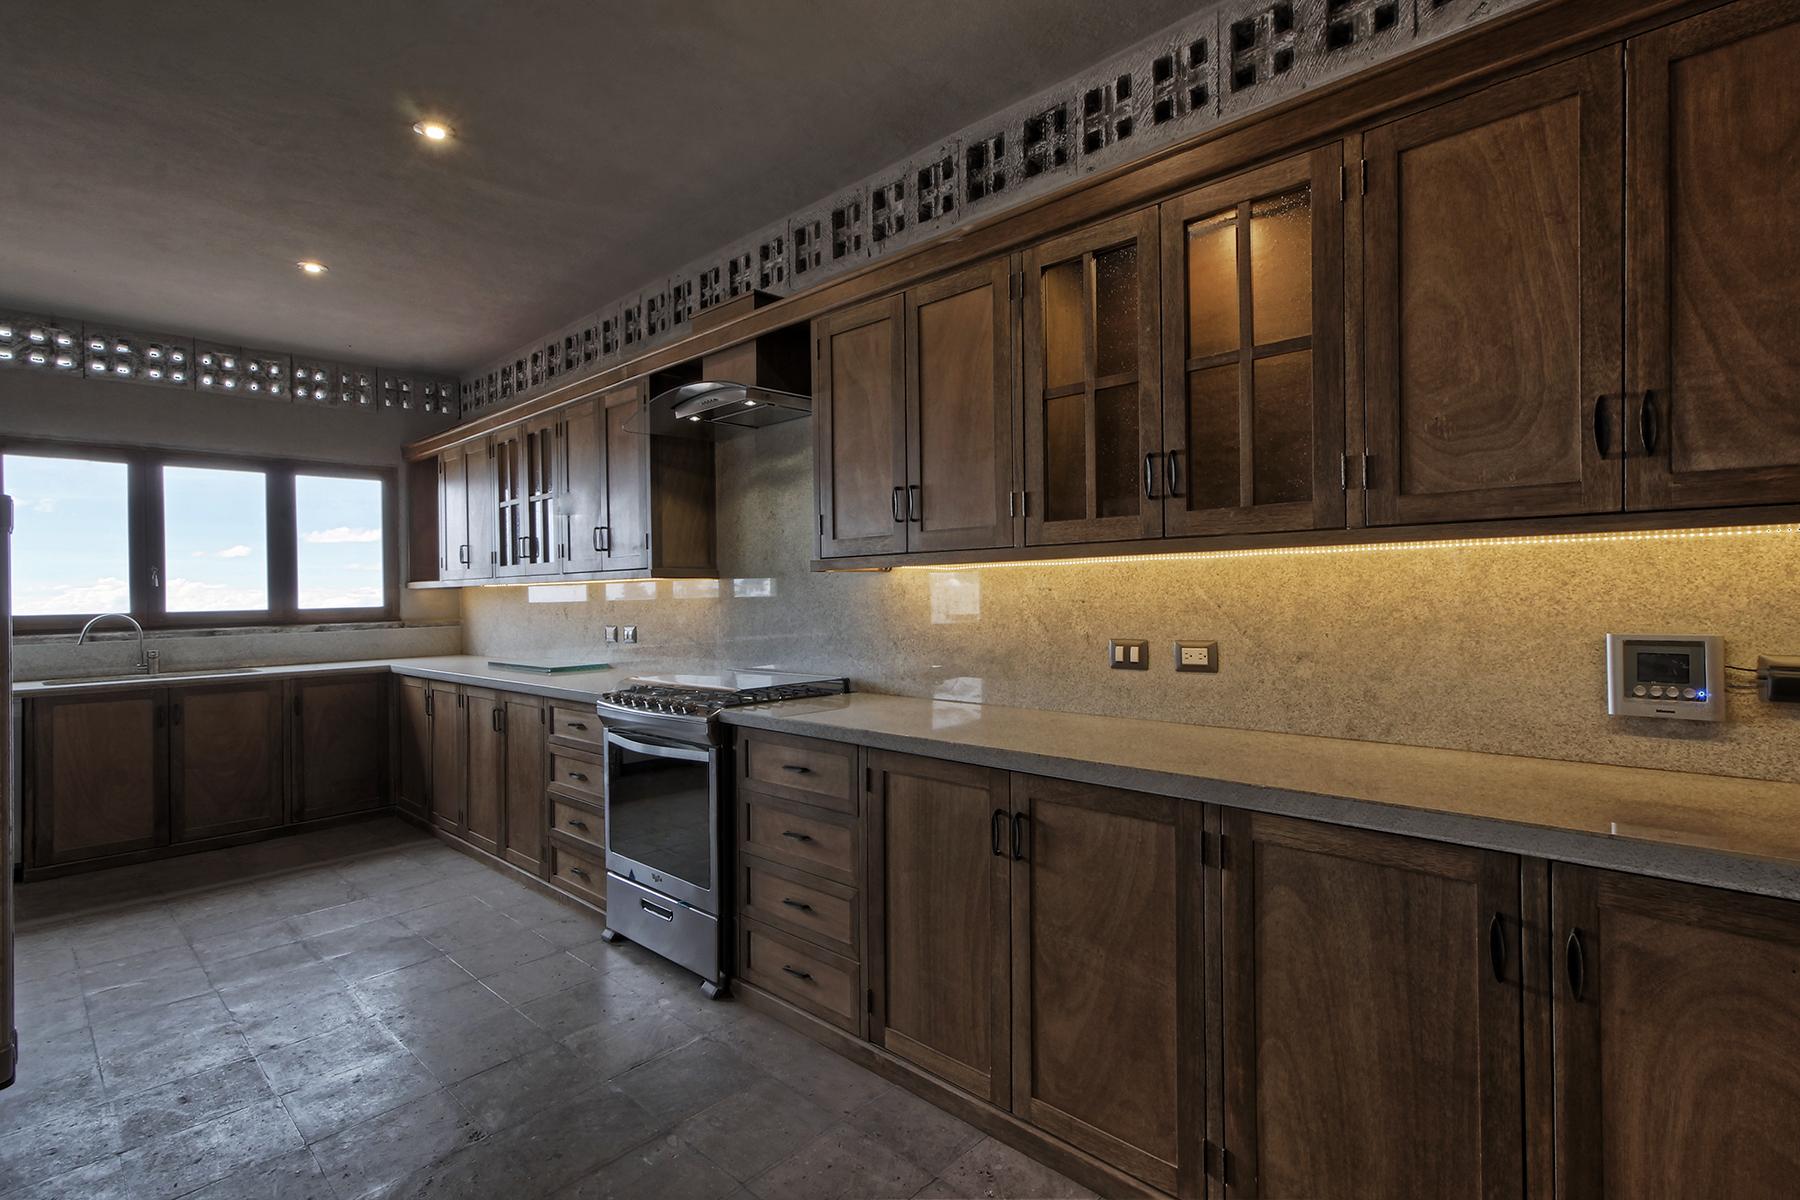 Additional photo for property listing at Palma de Mallorca  Other Guanajuato, Guanajuato 37710 Mexico